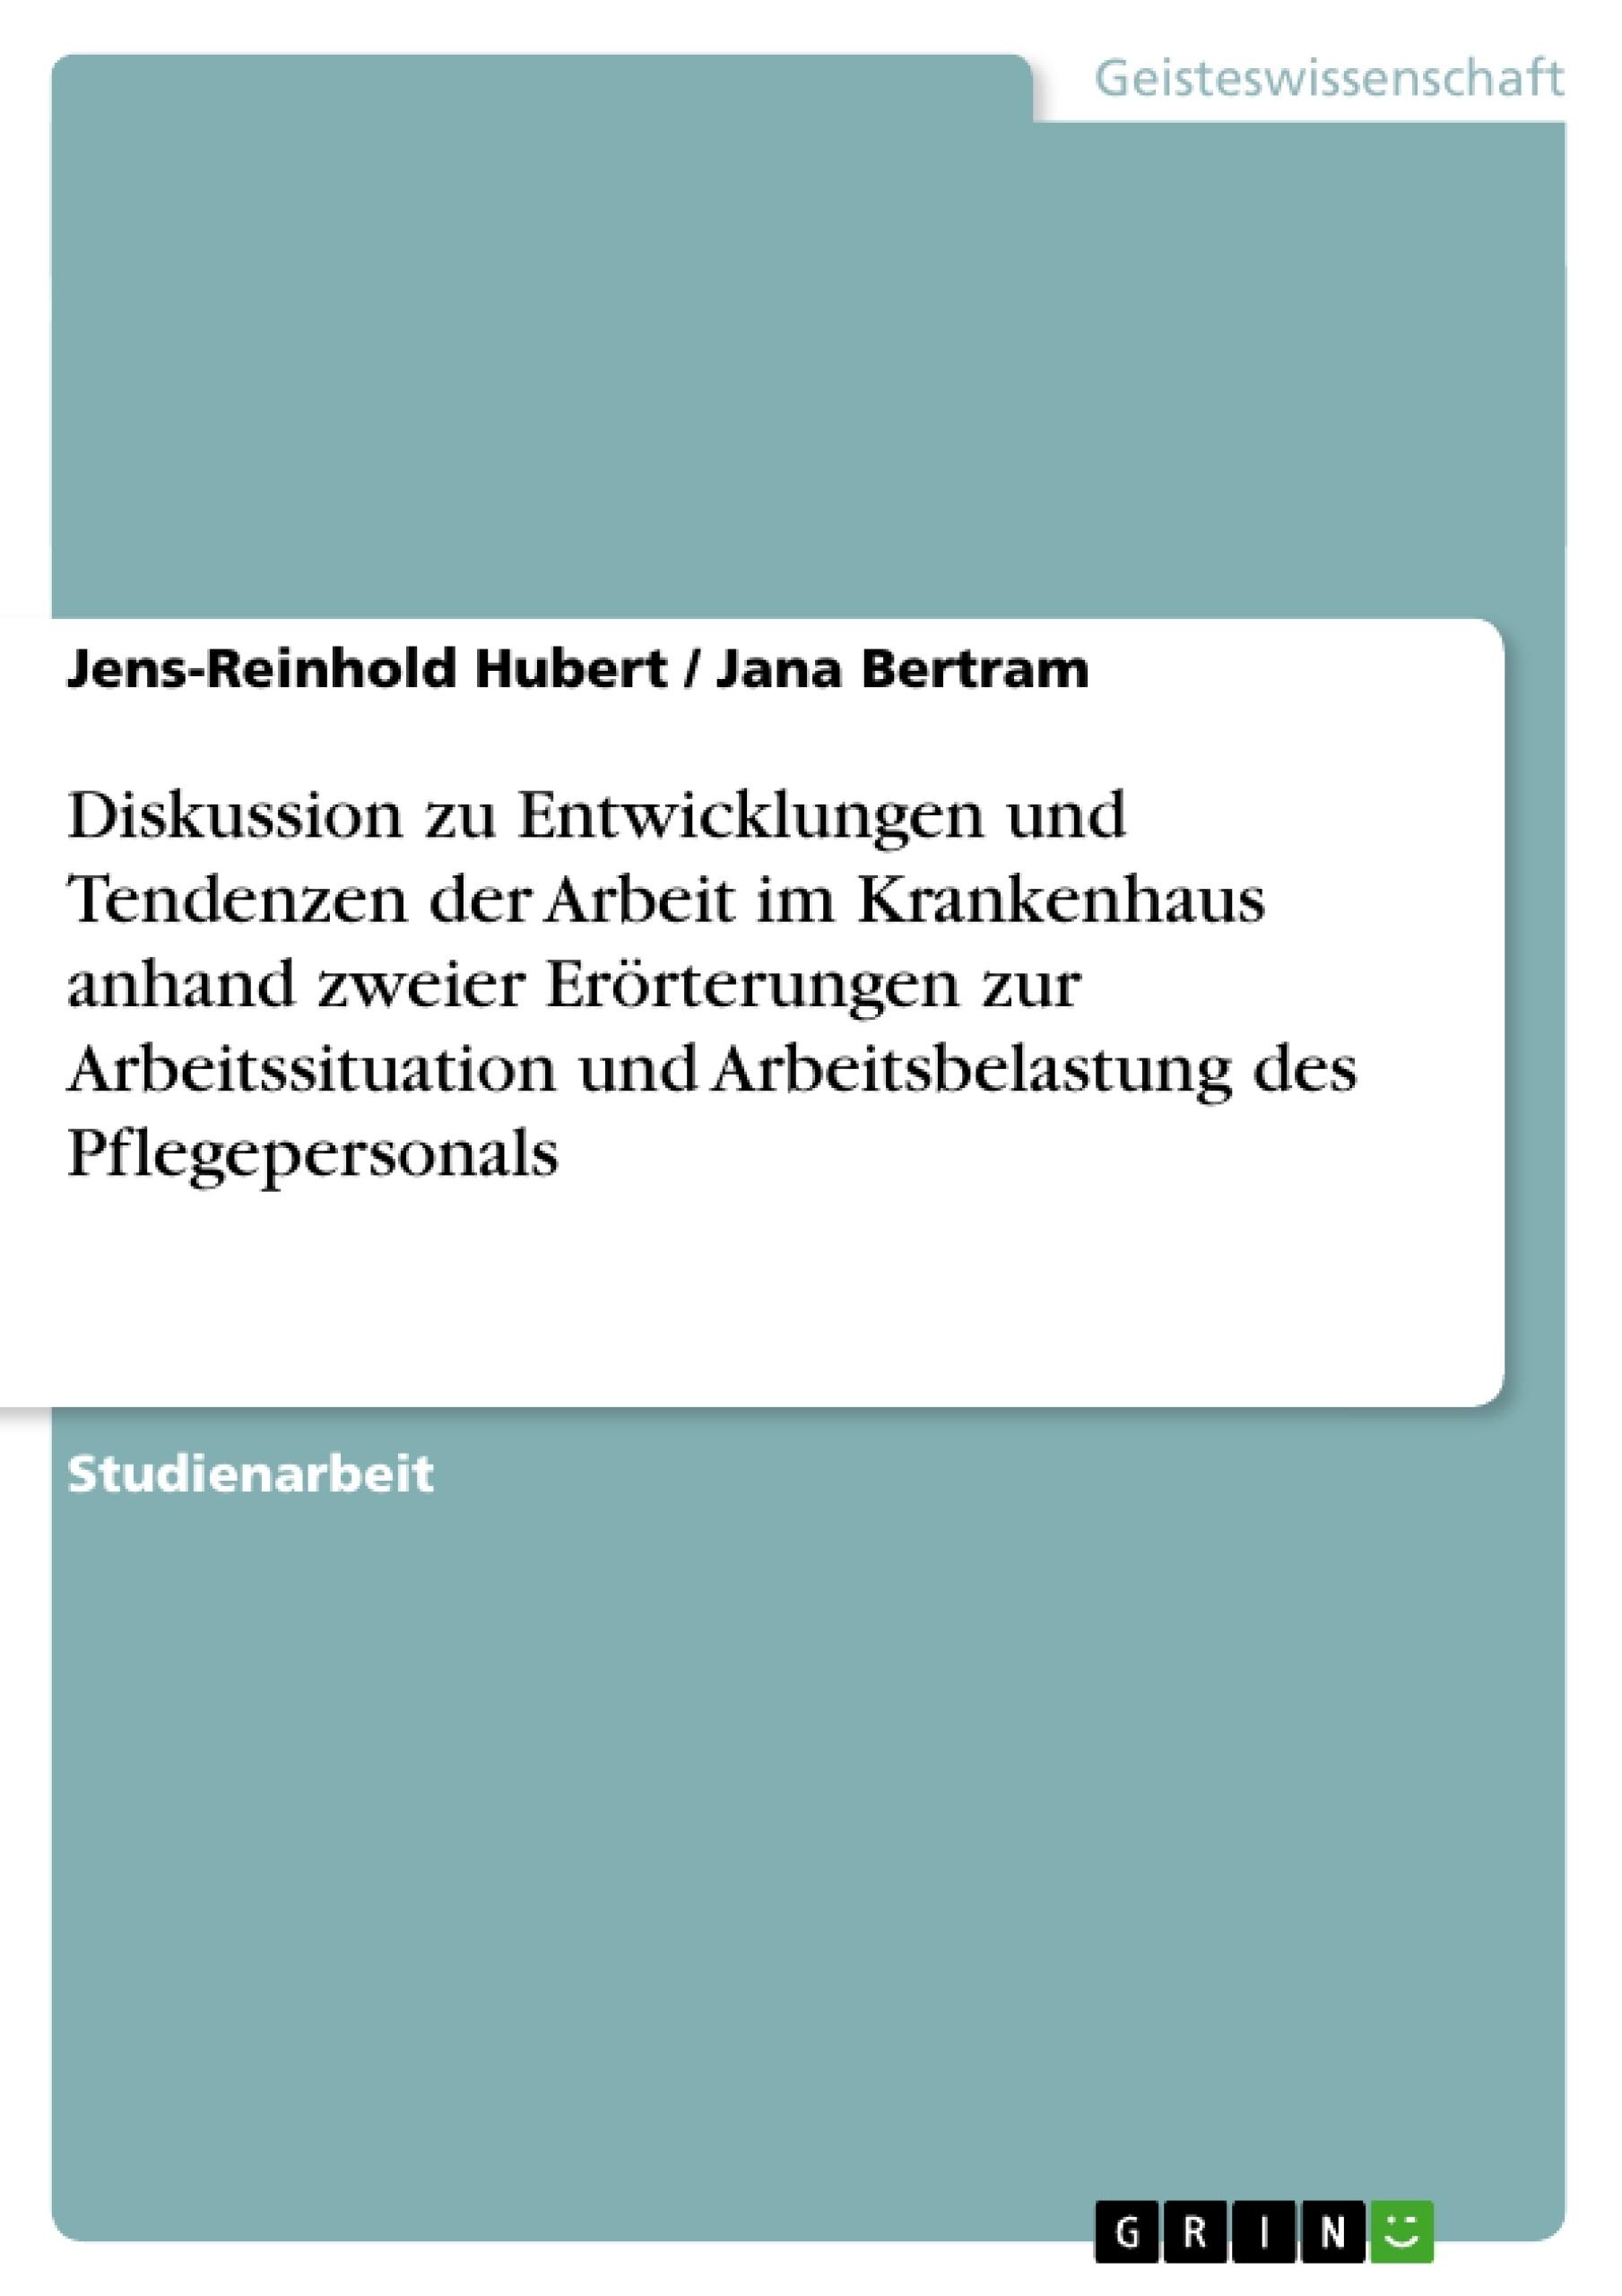 Titel: Diskussion zu Entwicklungen und Tendenzen der Arbeit im Krankenhaus anhand zweier Erörterungen zur Arbeitssituation und Arbeitsbelastung des Pflegepersonals